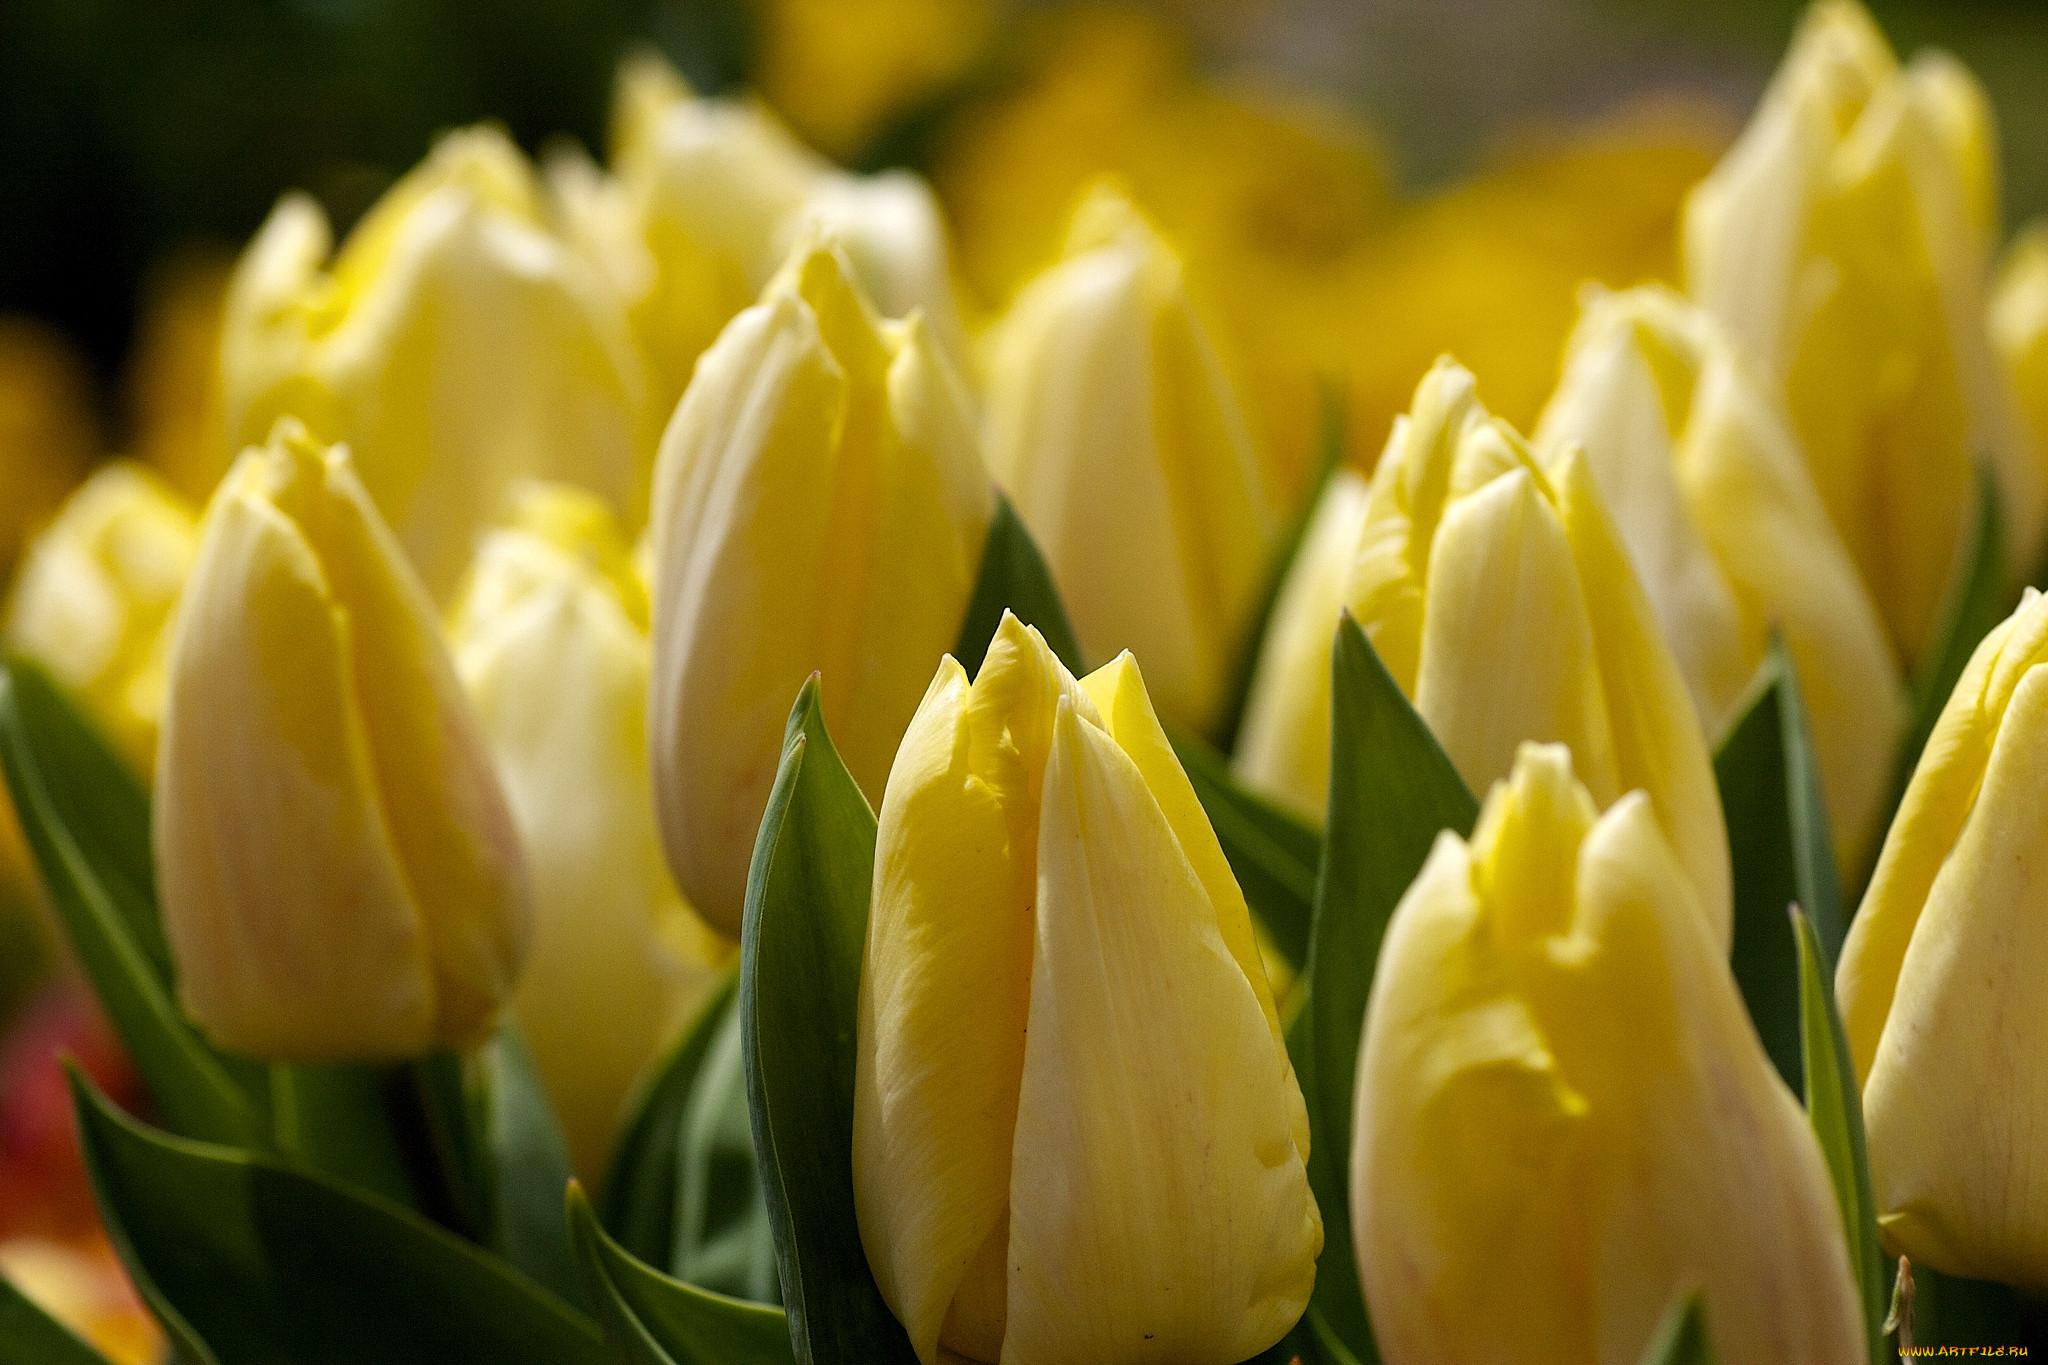 фотообои желтые тюльпаны раскрасить